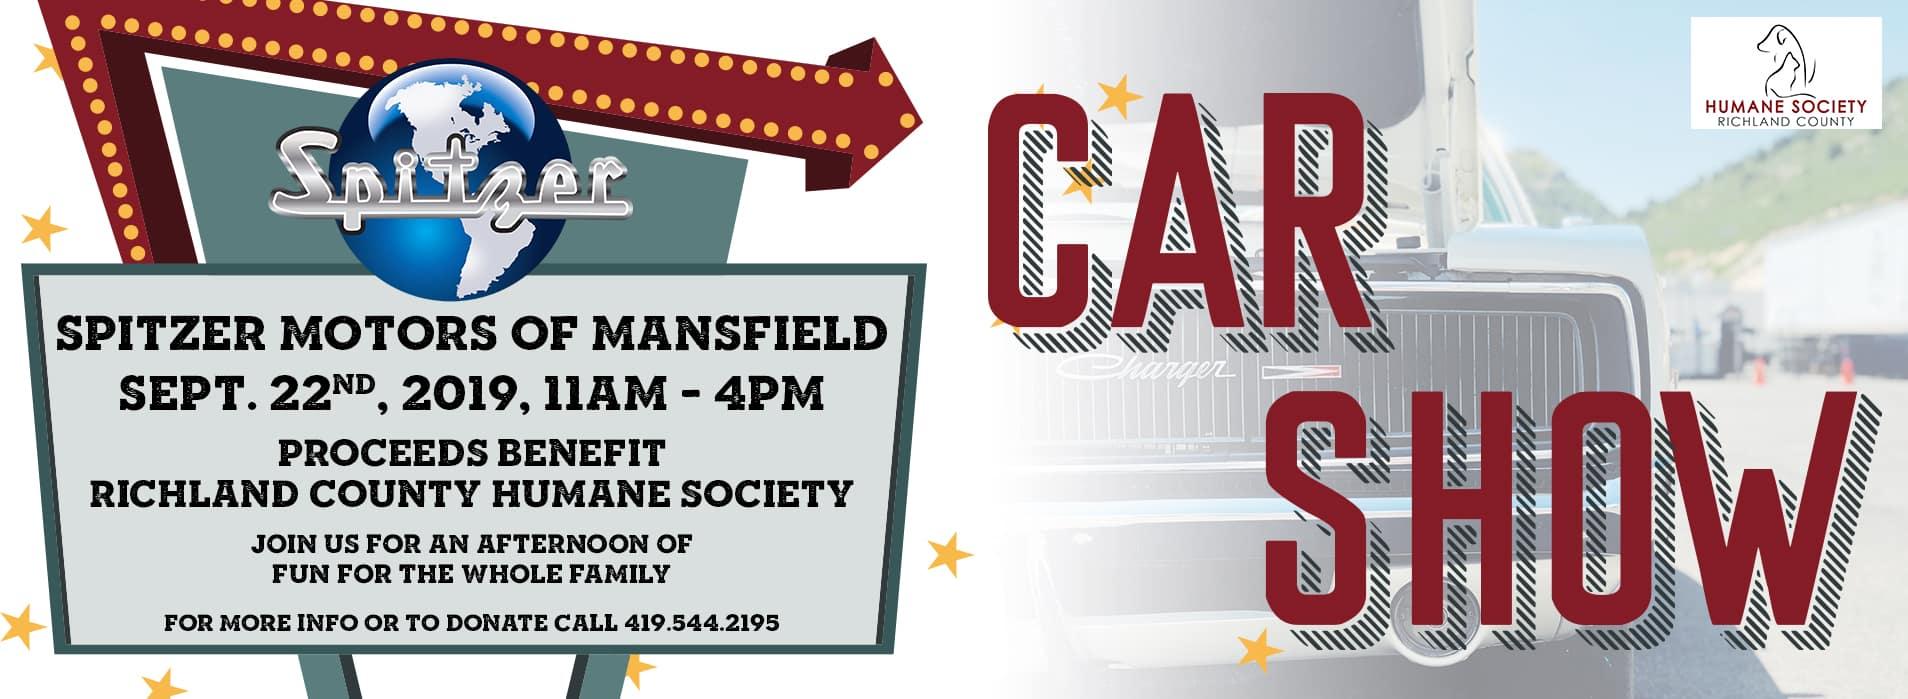 Mansfield Car Show | Sept. 22, 2019